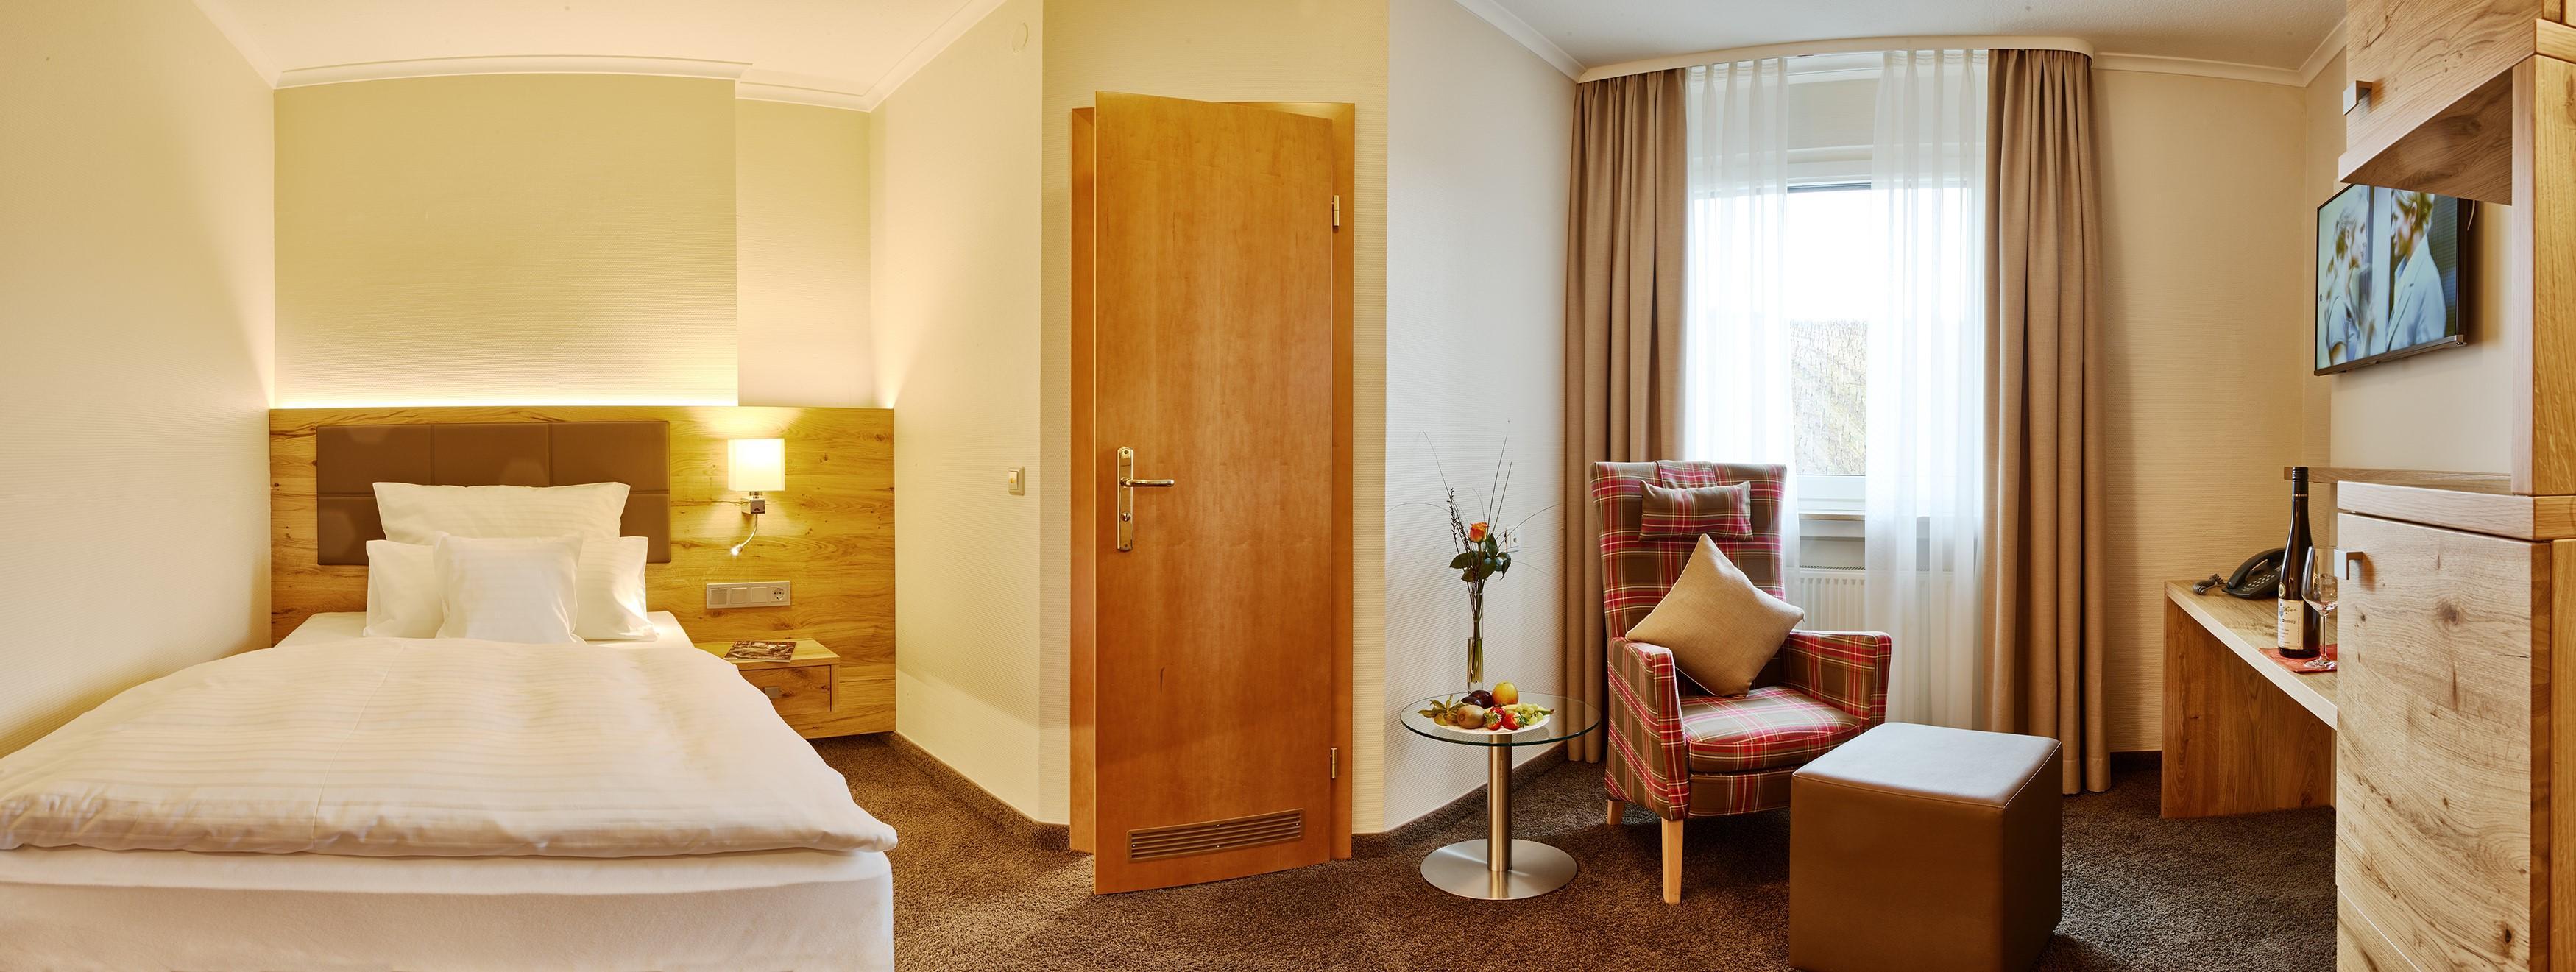 Zimmer-401-8650Pano kleineres Format